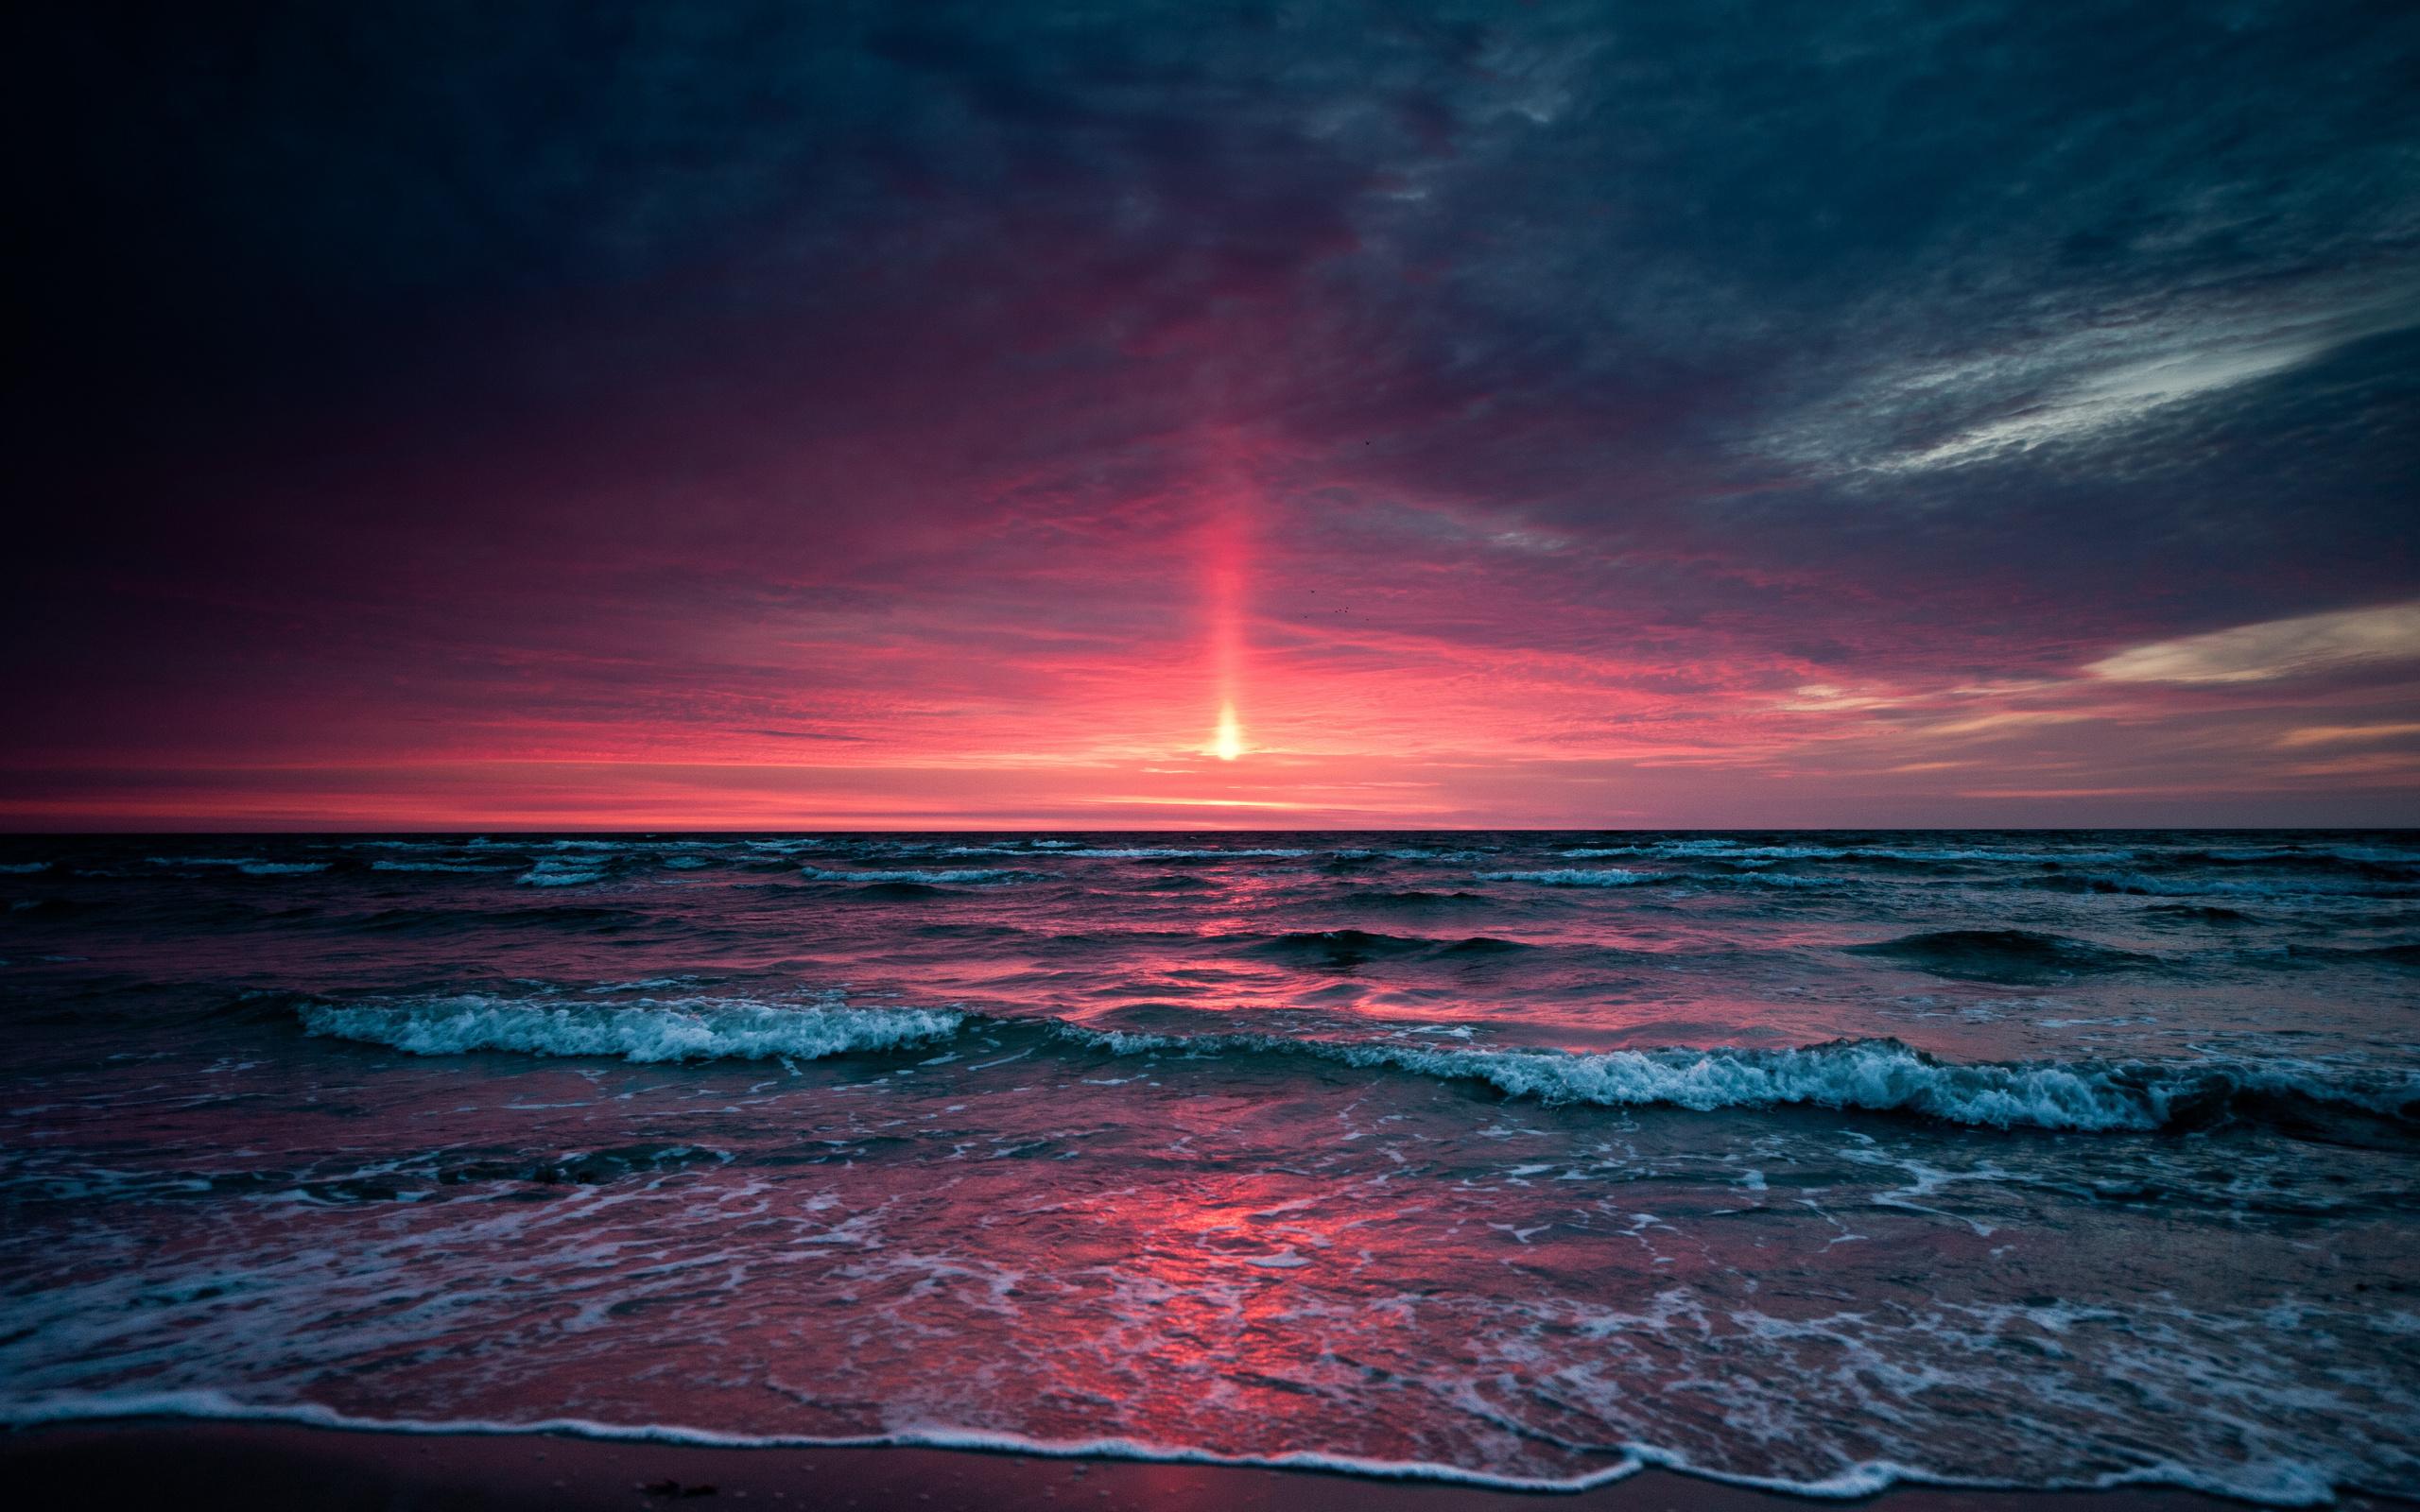 бывает пол крутая морская картинка нет